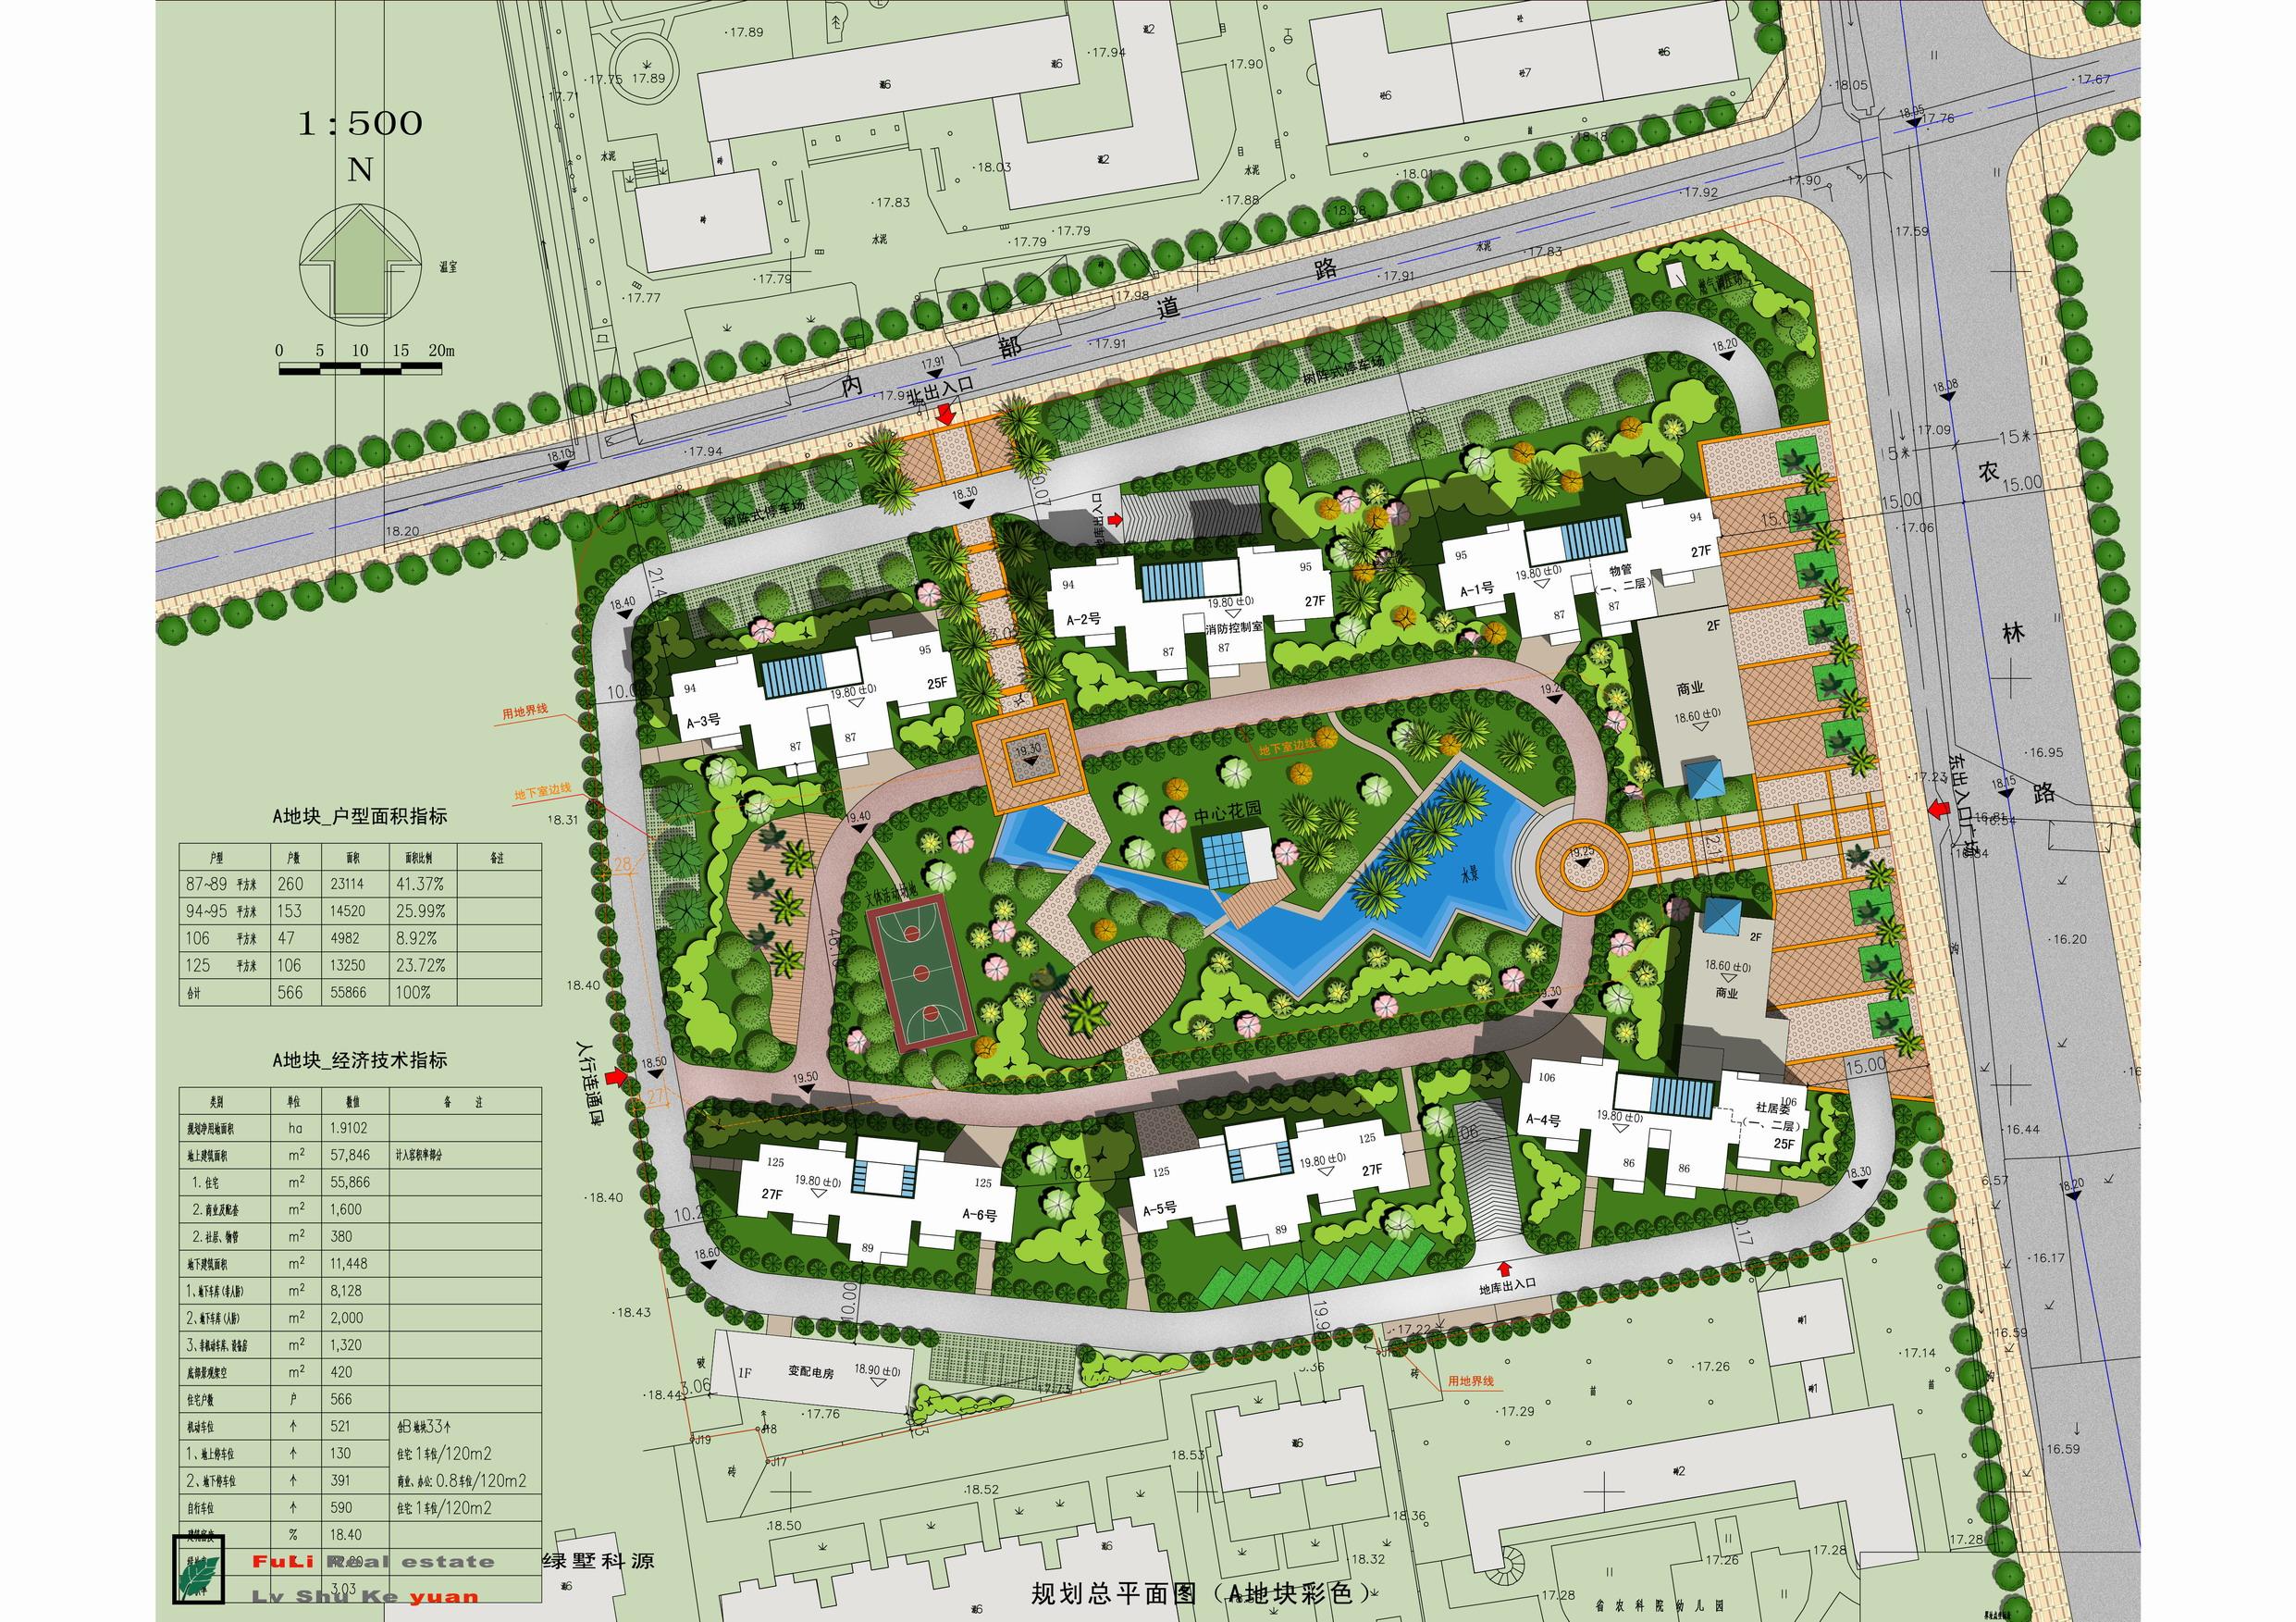 问答平台 园林 规划设计 居住区 小区园林设计?图片